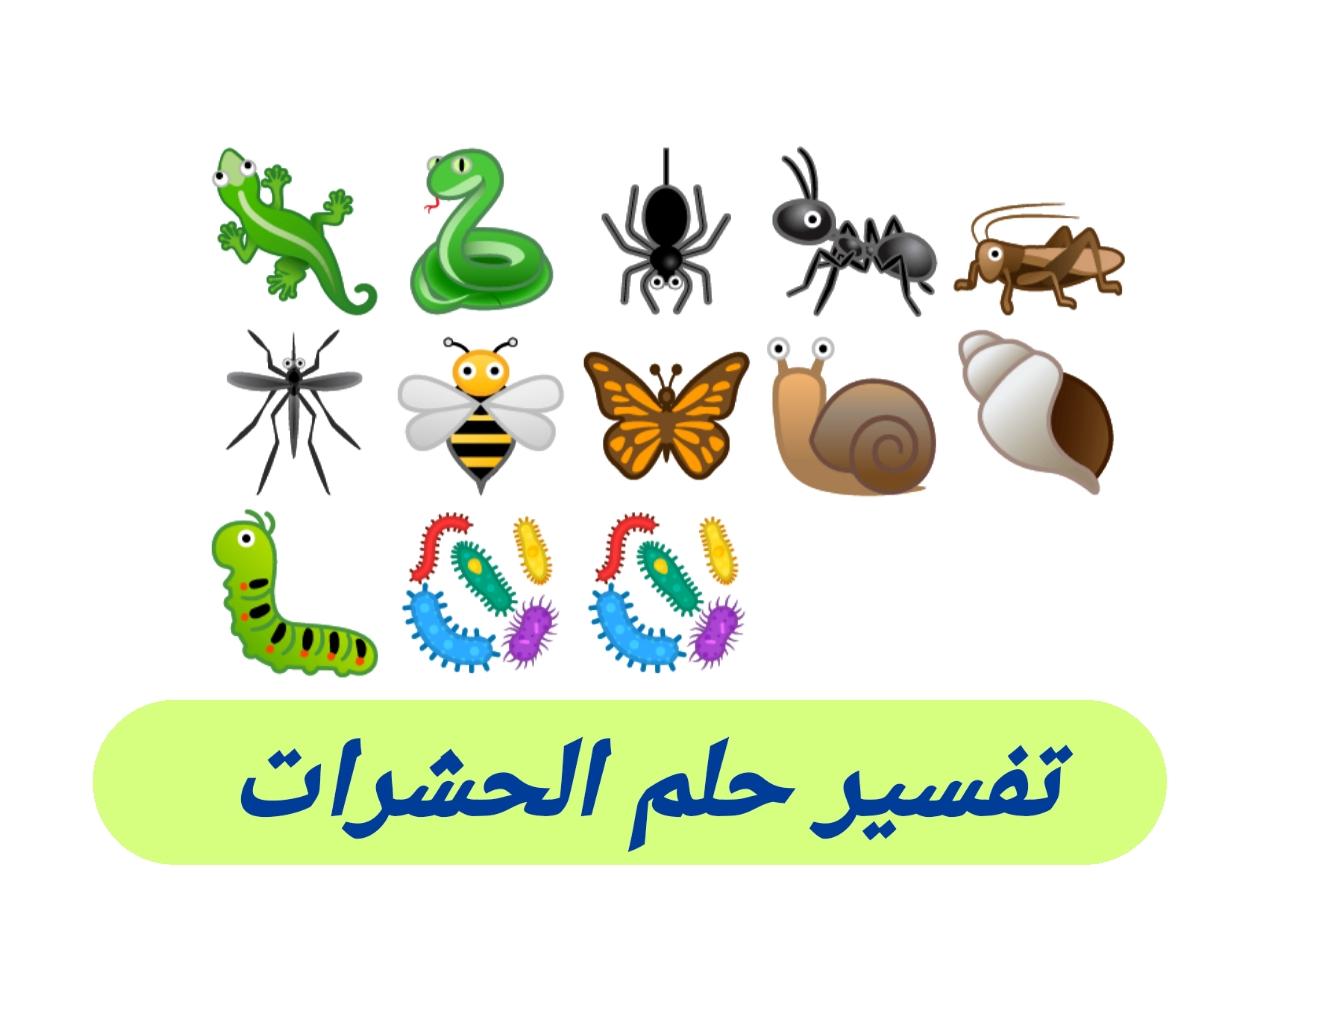 تفسير فرافيت احلام تفسير حلم الحشرات والقوارض والزواحف في المنام